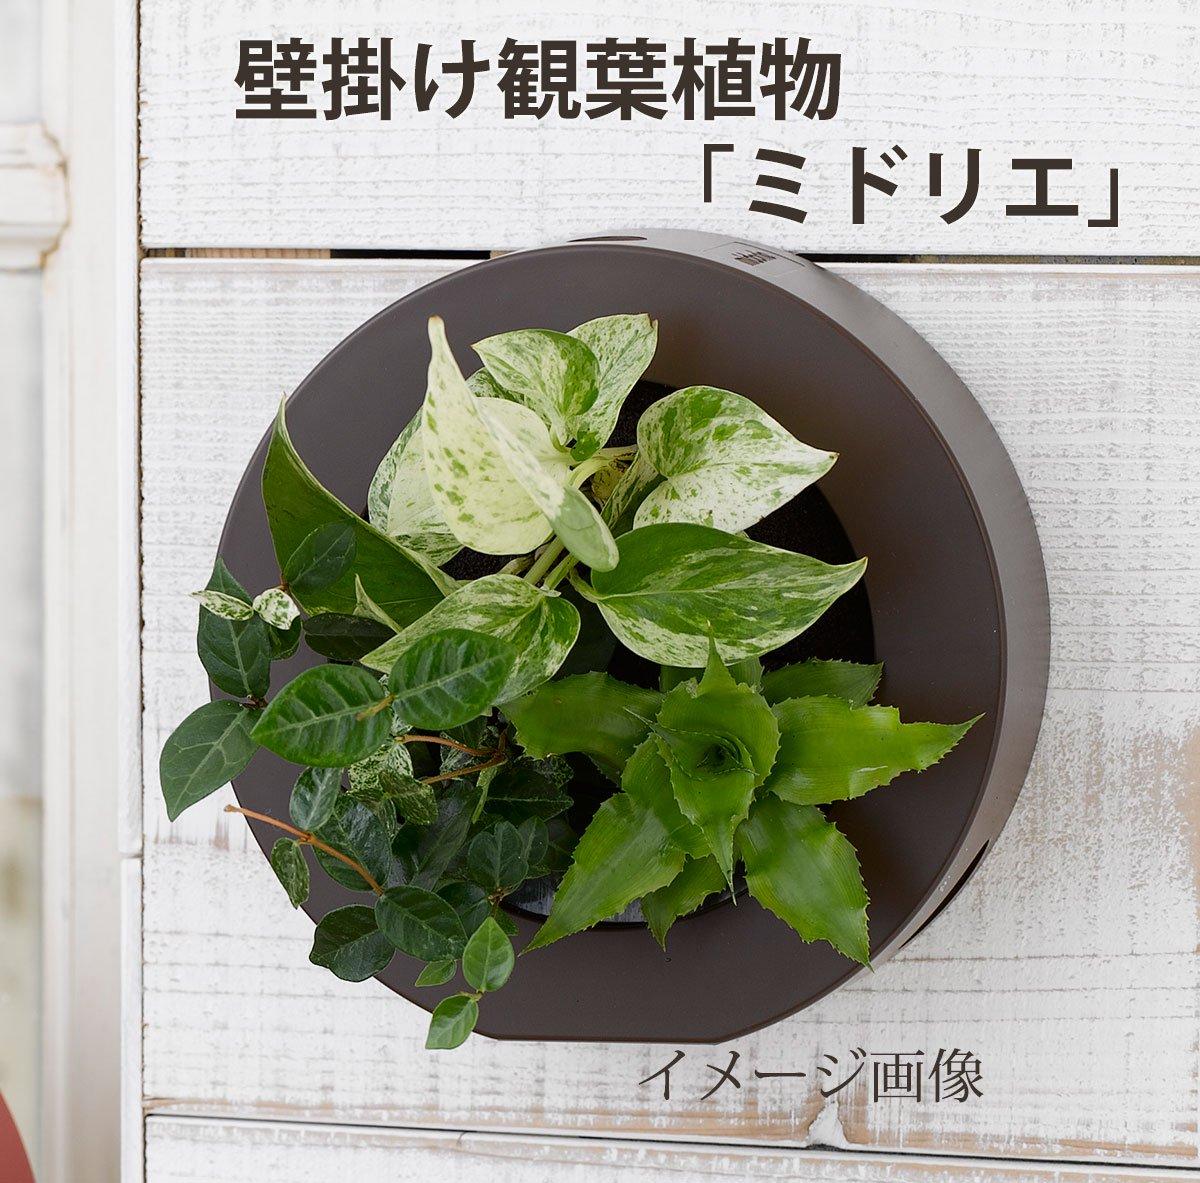 壁掛け観葉植物「ミドリエ」(壁面緑化)ラウンド型グリーンフレーム 〜サントリー・トヨタの新提案〜 絵を飾るようにみどりを飾る